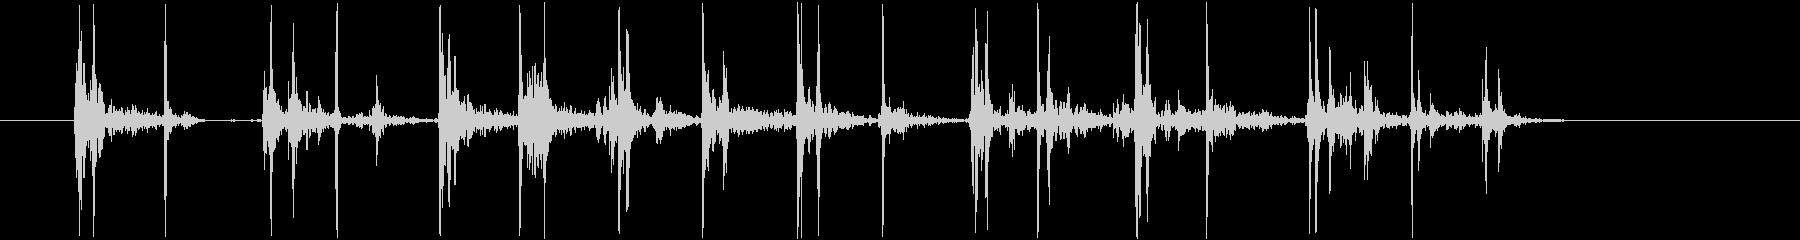 激しいタイピング音(カタカタ)の未再生の波形